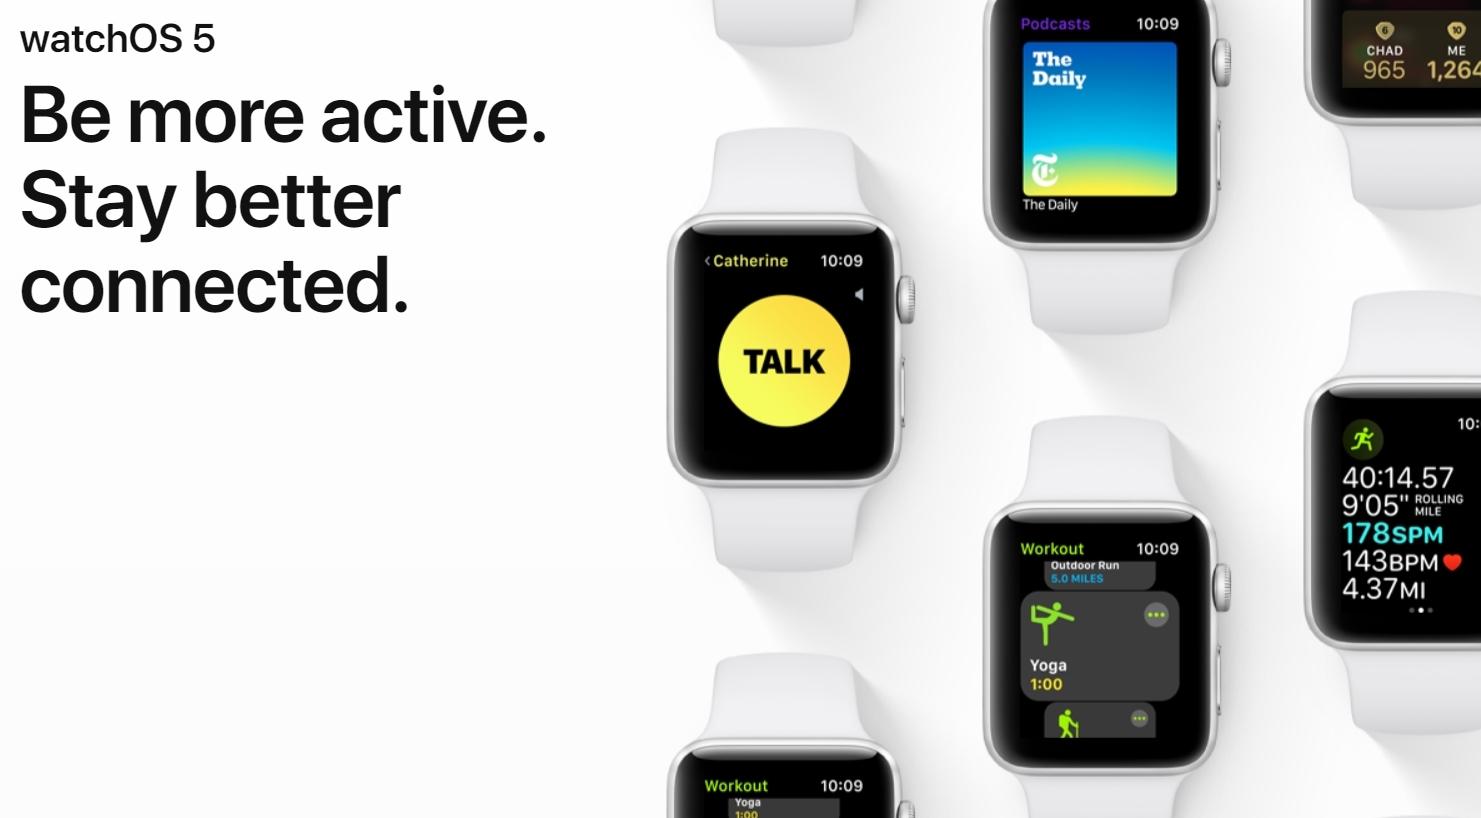 Apple har stoppet watchOS for 5 beta 1 - har du problemer med din?